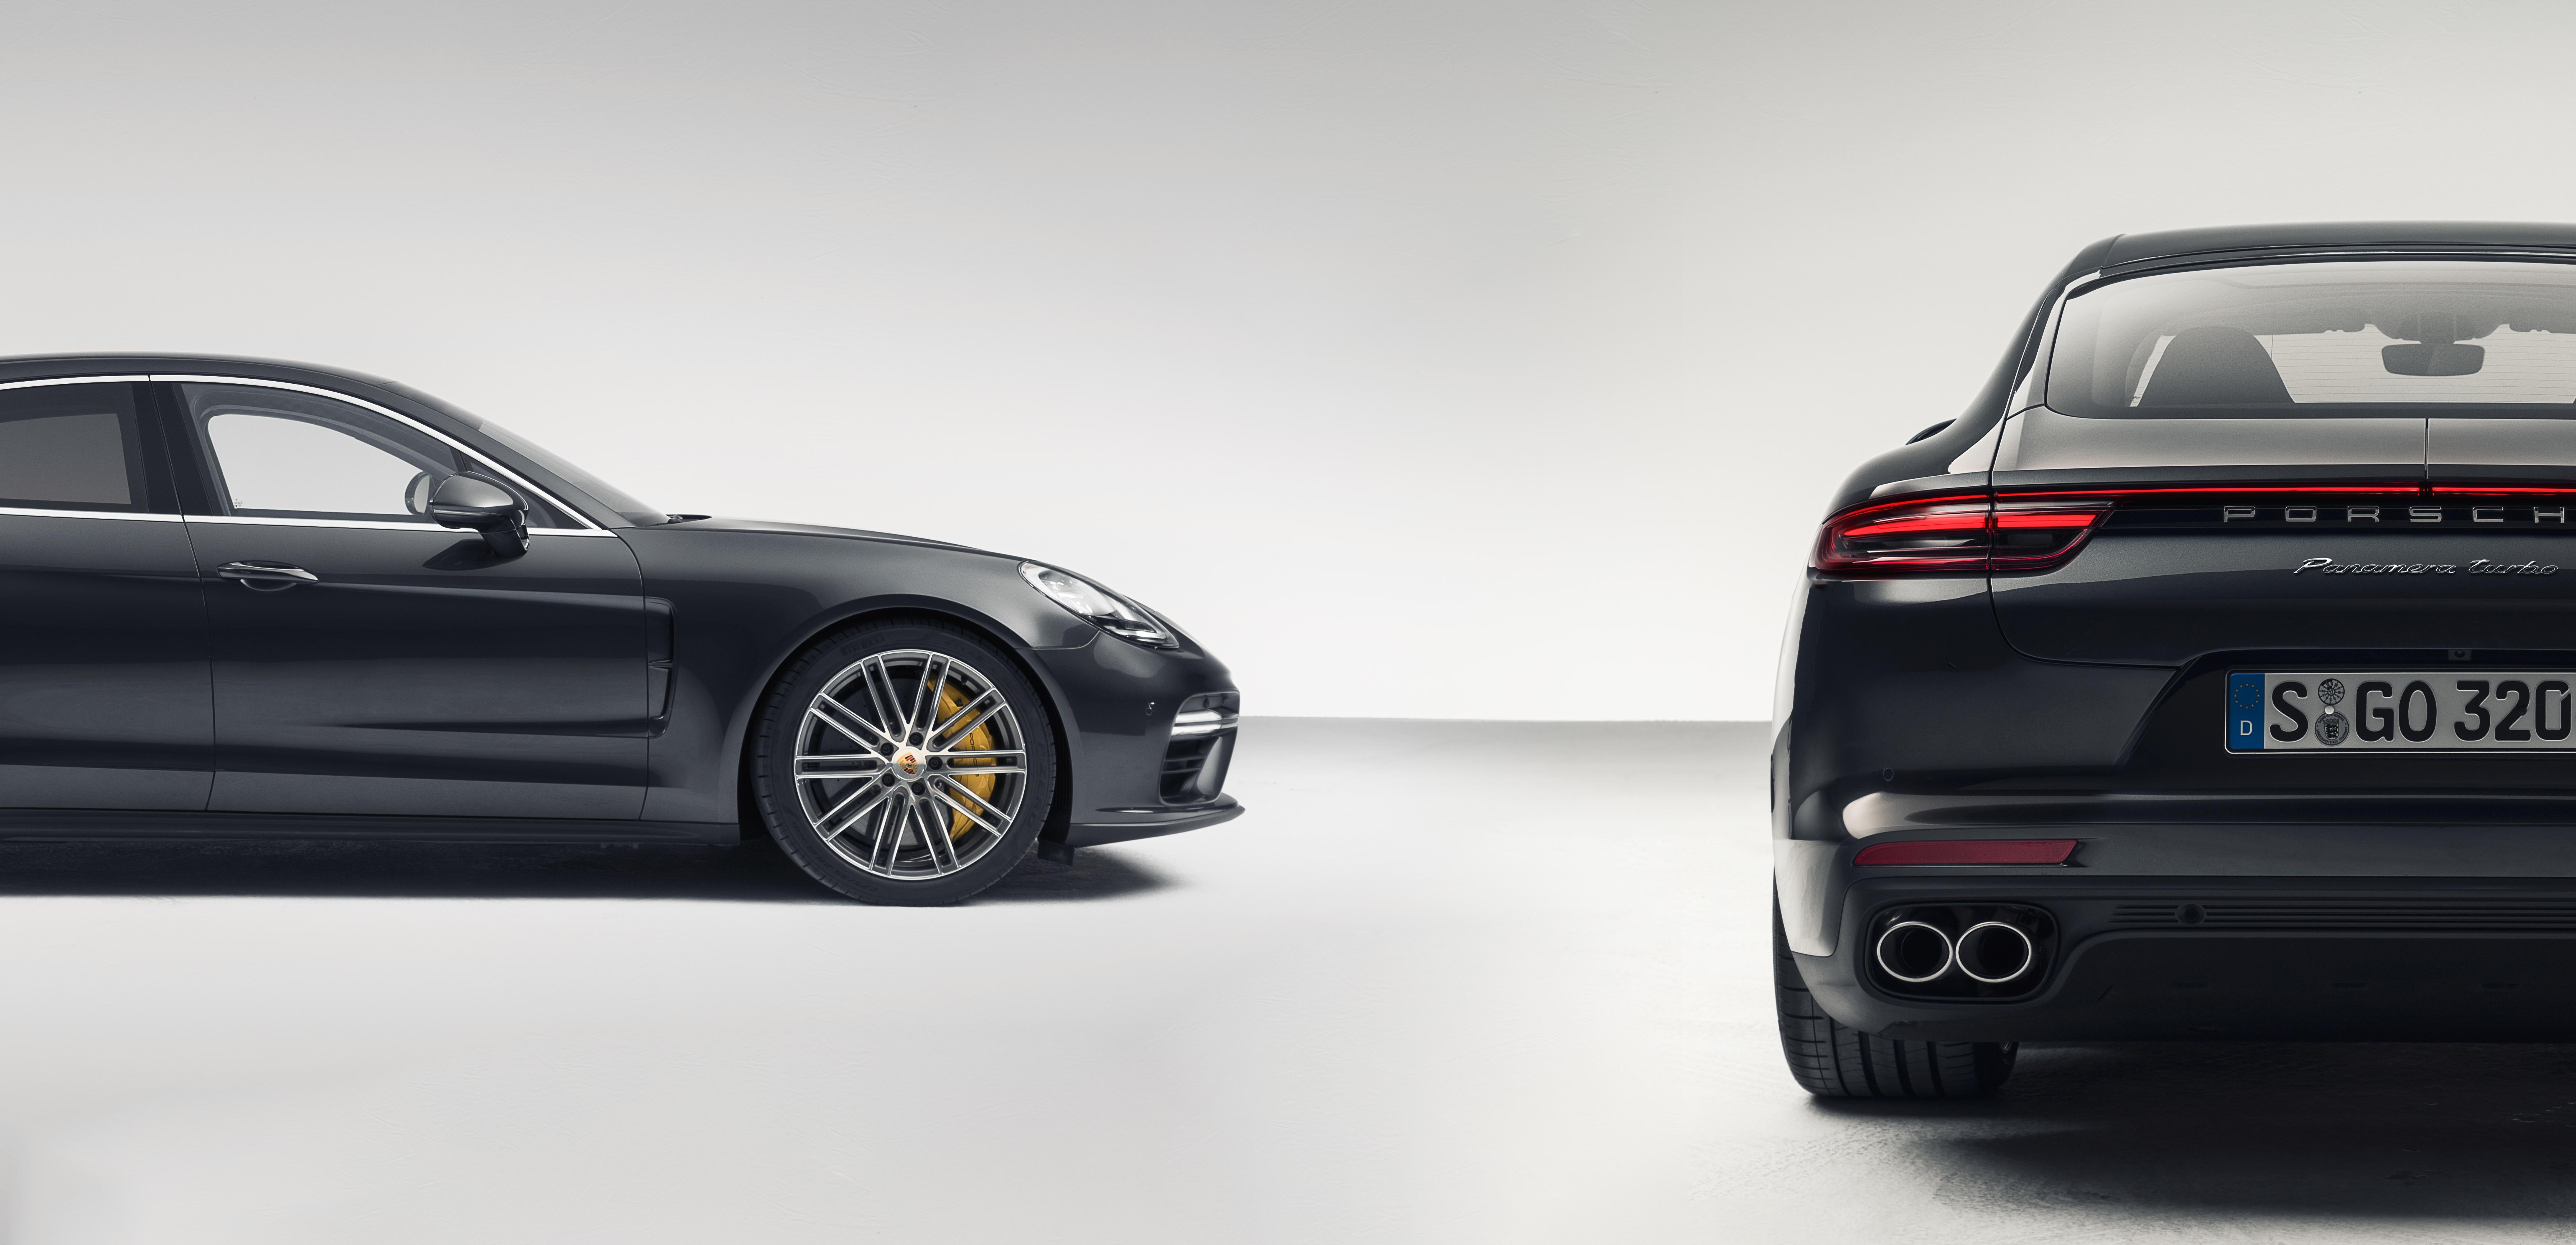 2017 Porsche Panamera Second Gen Debuts In Berlin Paul